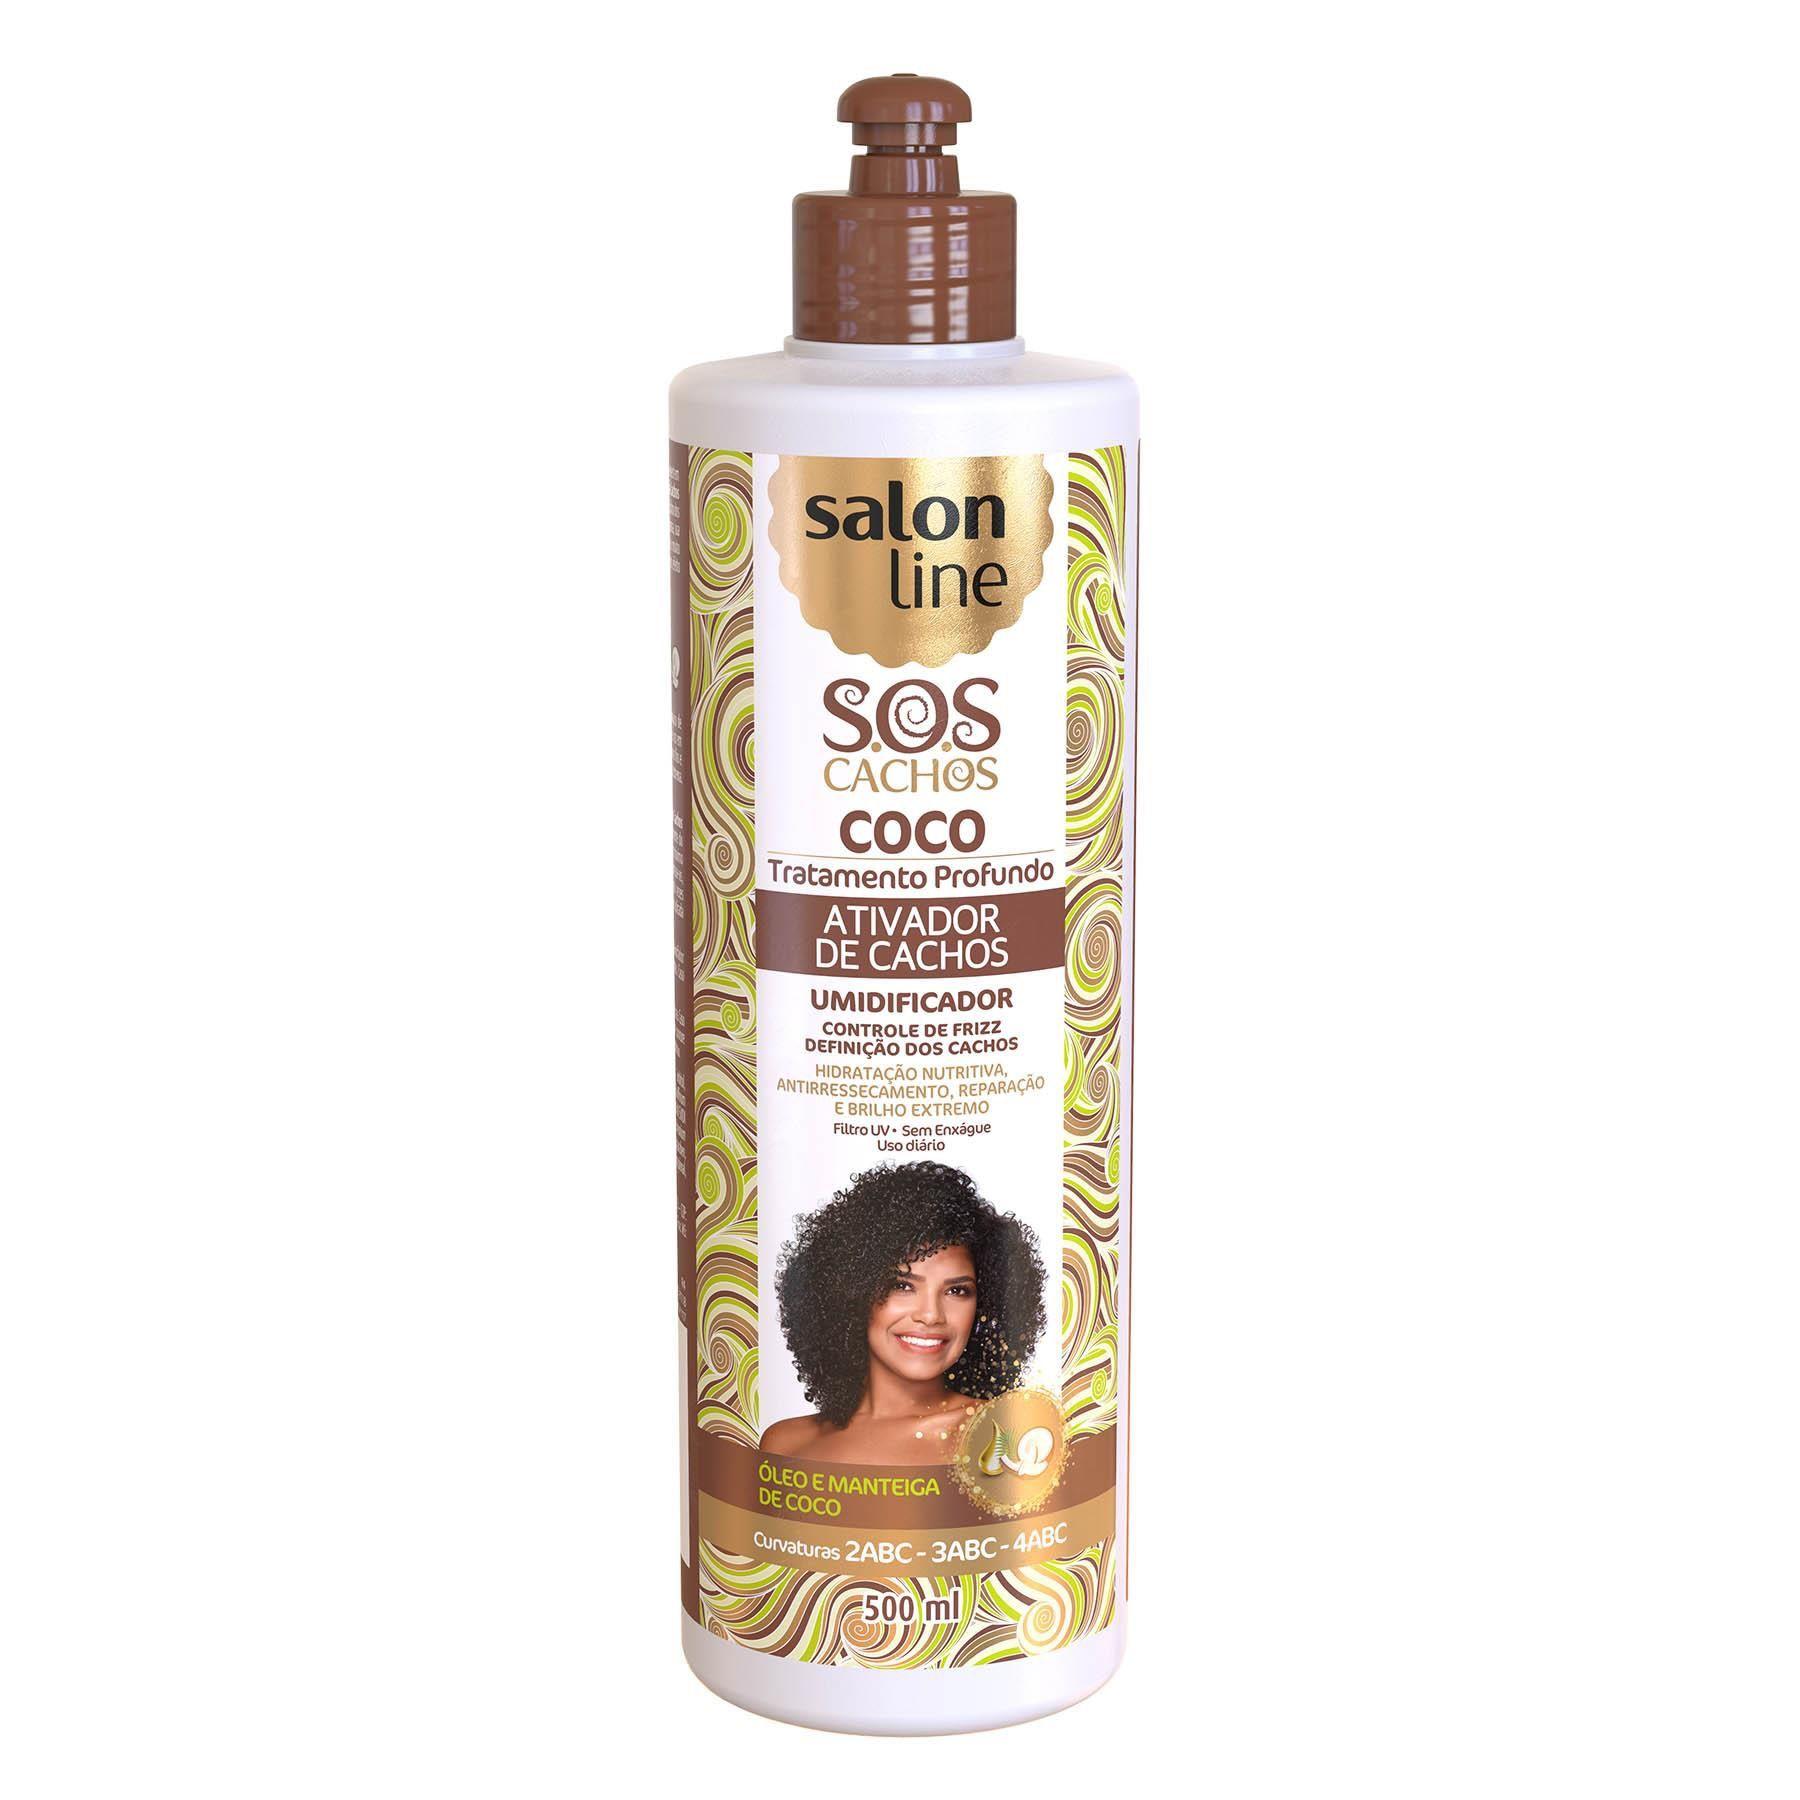 Ativador De Cachos salon line Coco S.o.s Tratamento Profundo 500 Ml